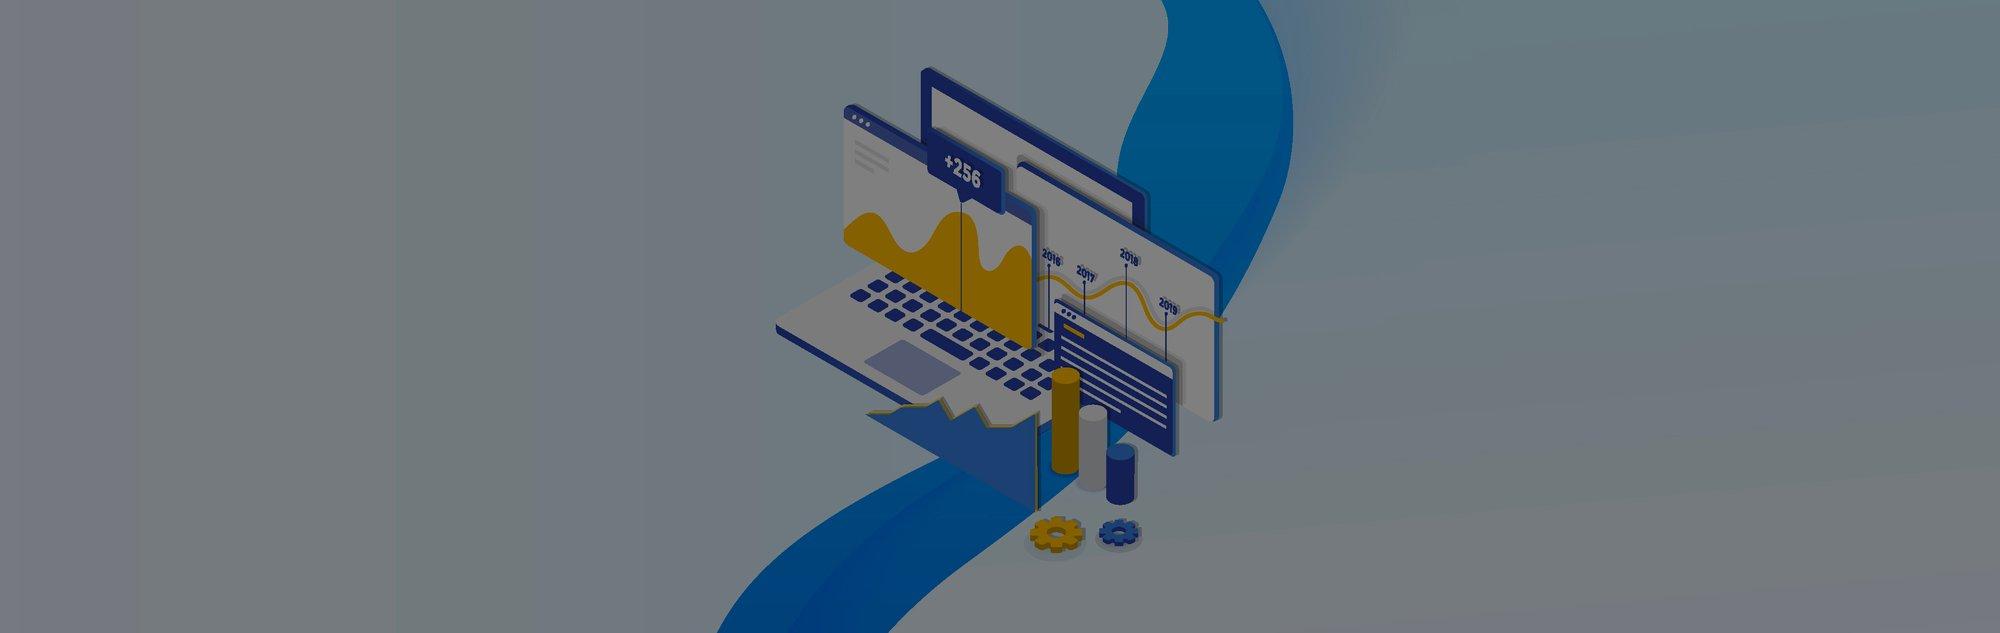 Blog-Solucionweb-Actualicemos-nuestros-datos-Conoce-las-nuevas-funciones-de-Facebook-Analytics-03-03